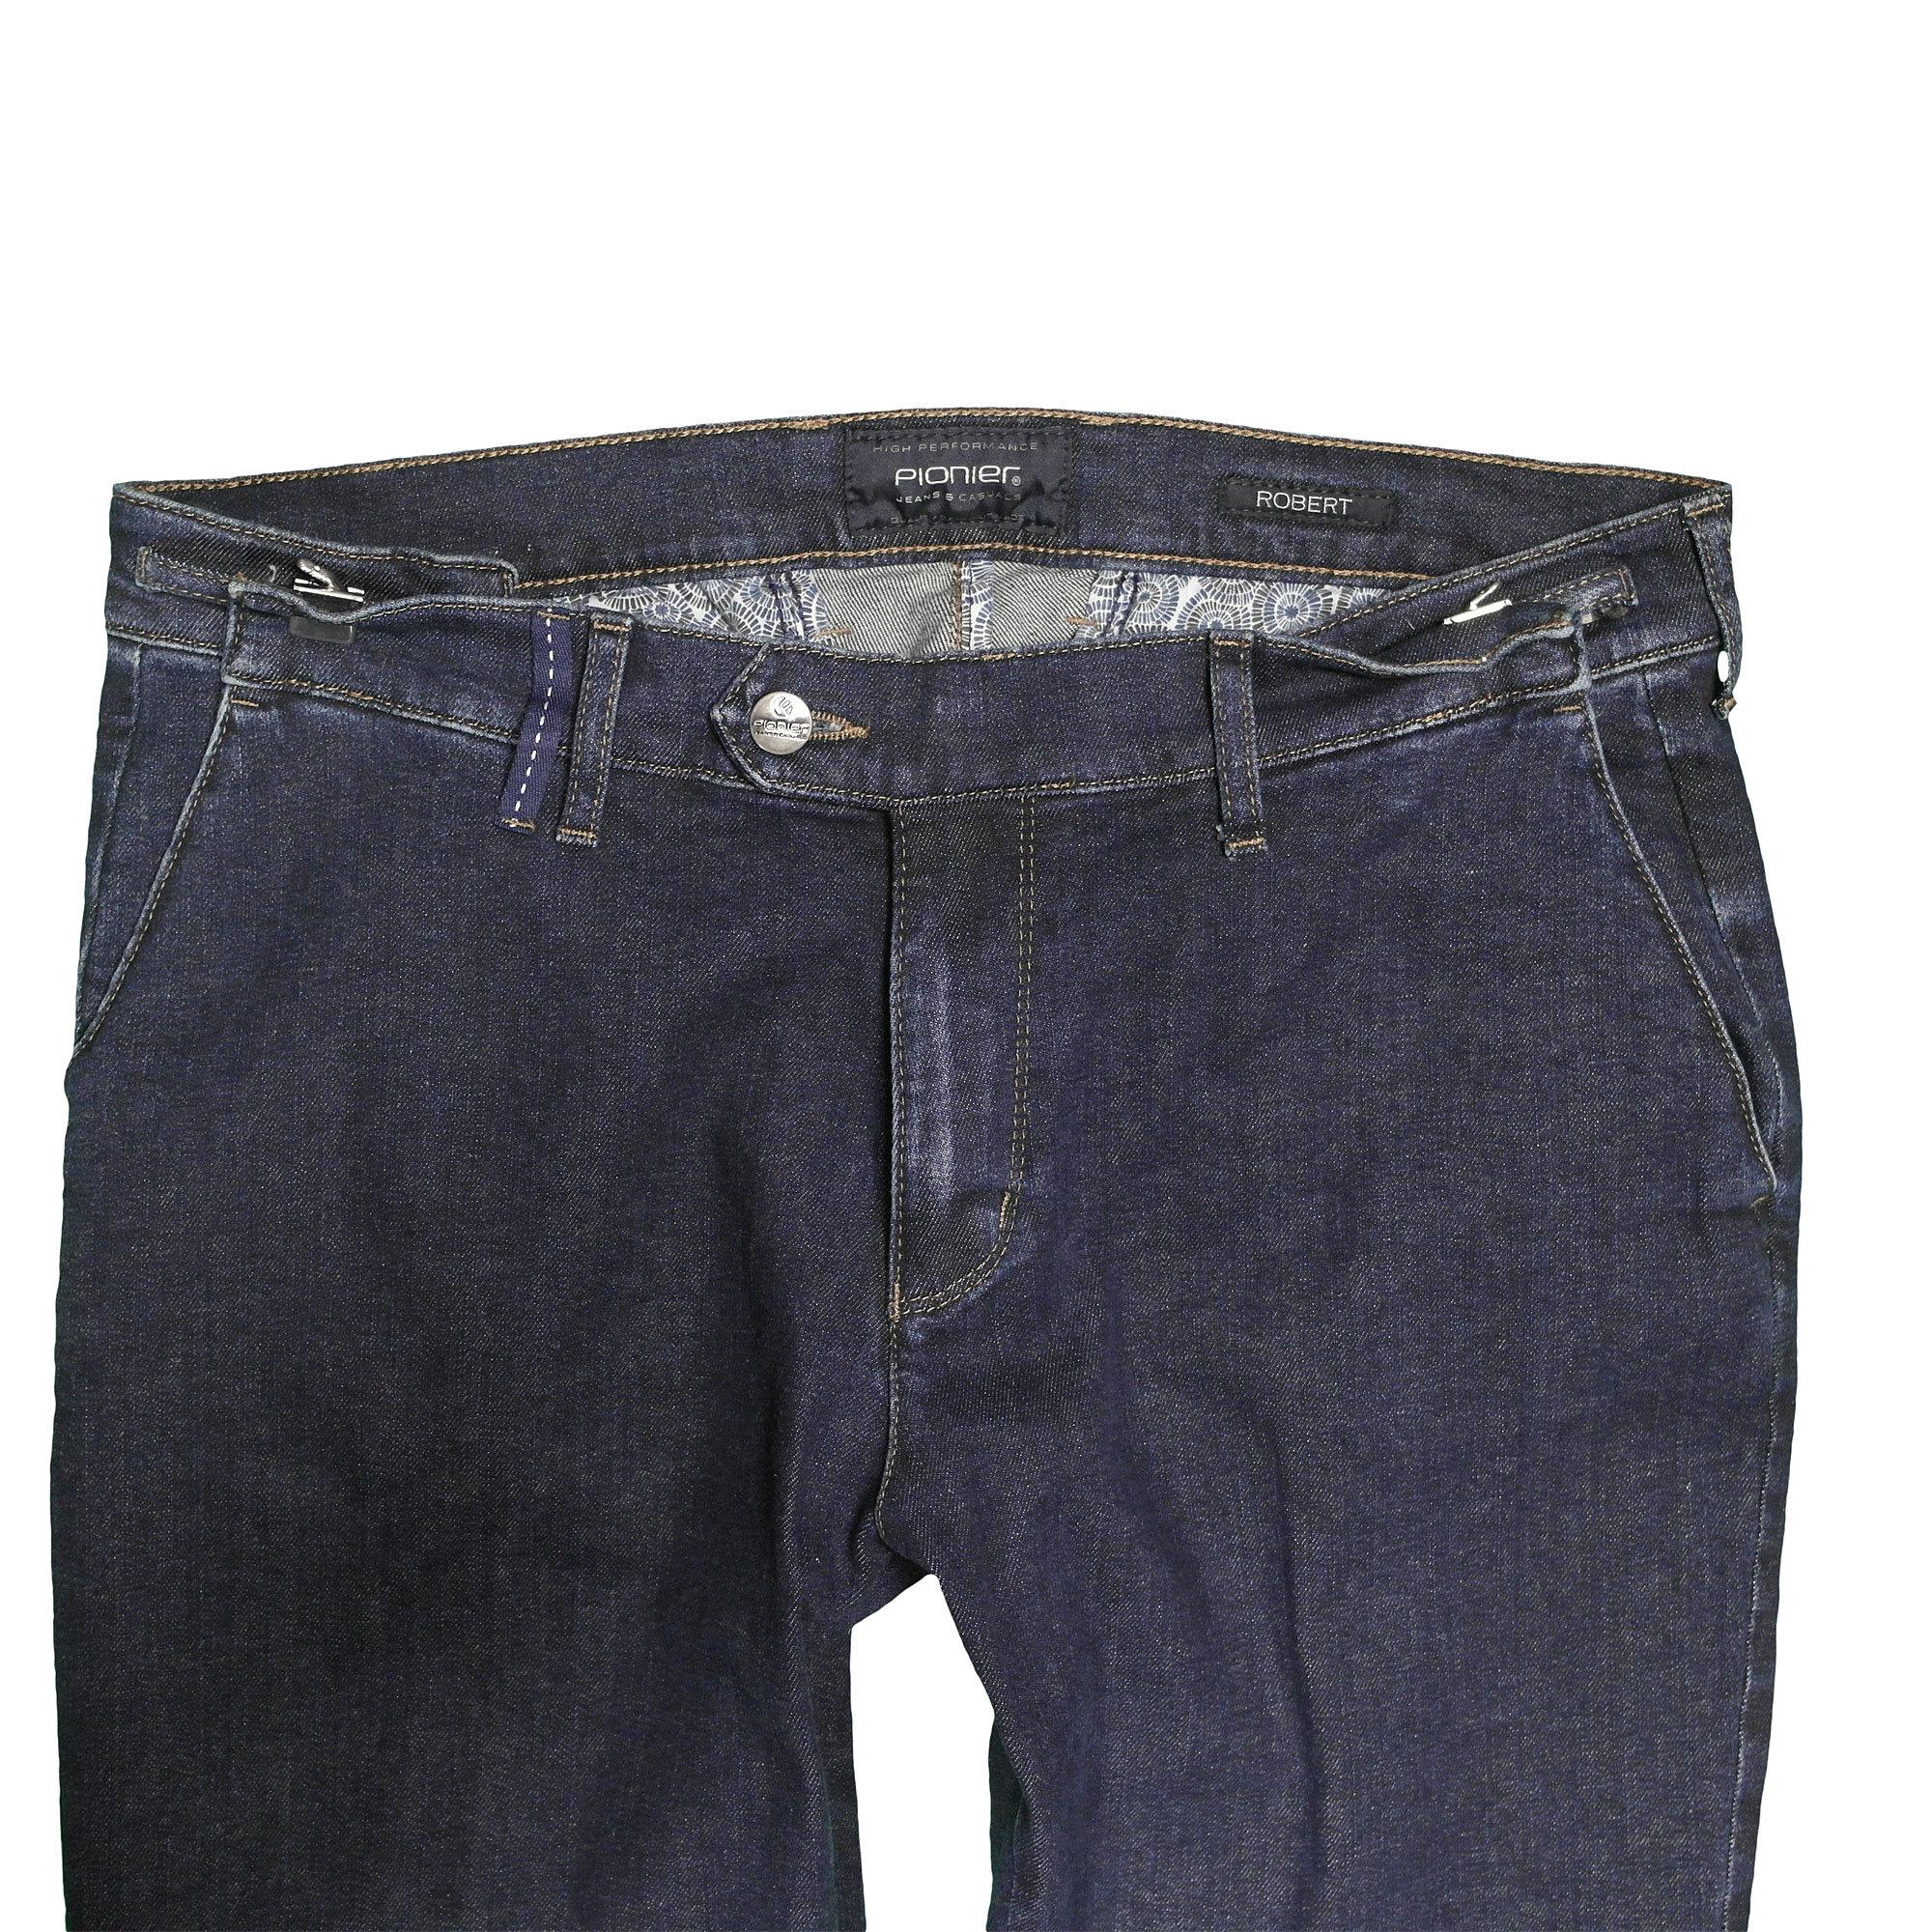 Modische Jeans von Pionier in Übergröße |